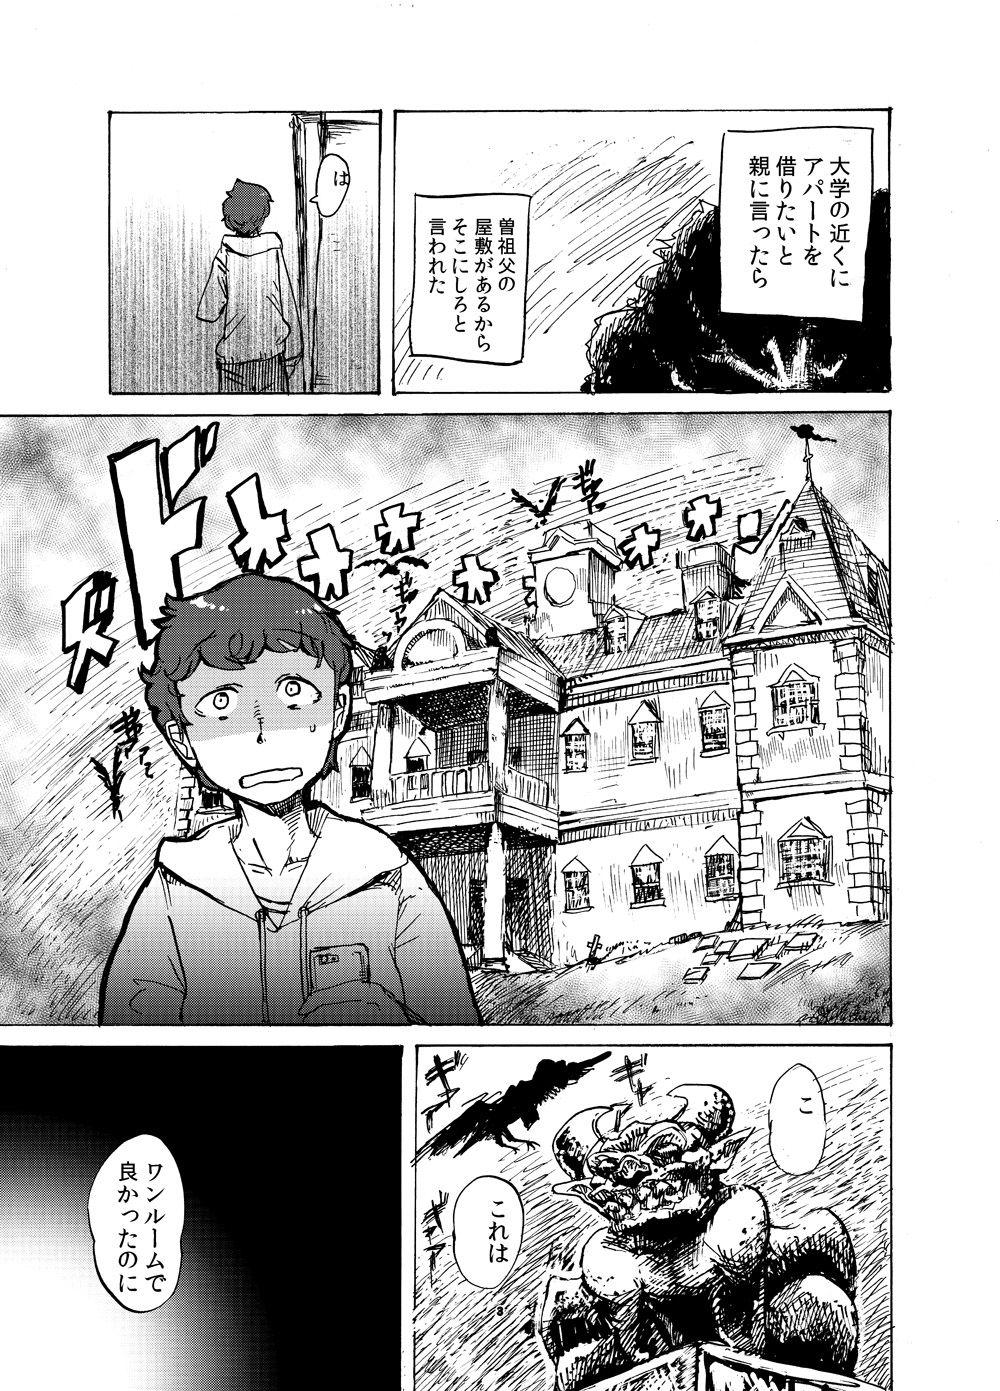 【瀬戸内製薬 同人】地下室の悪魔さん